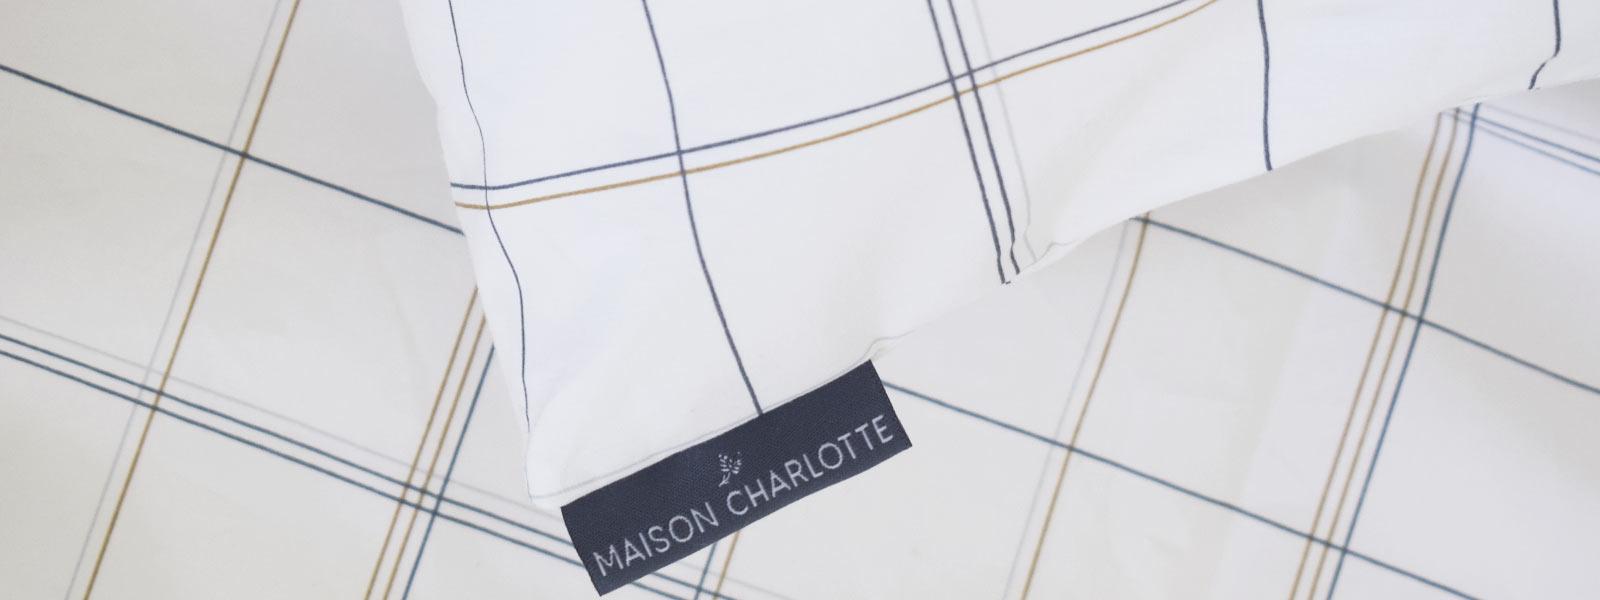 collection-saint-honore-textile-maison-charlotte